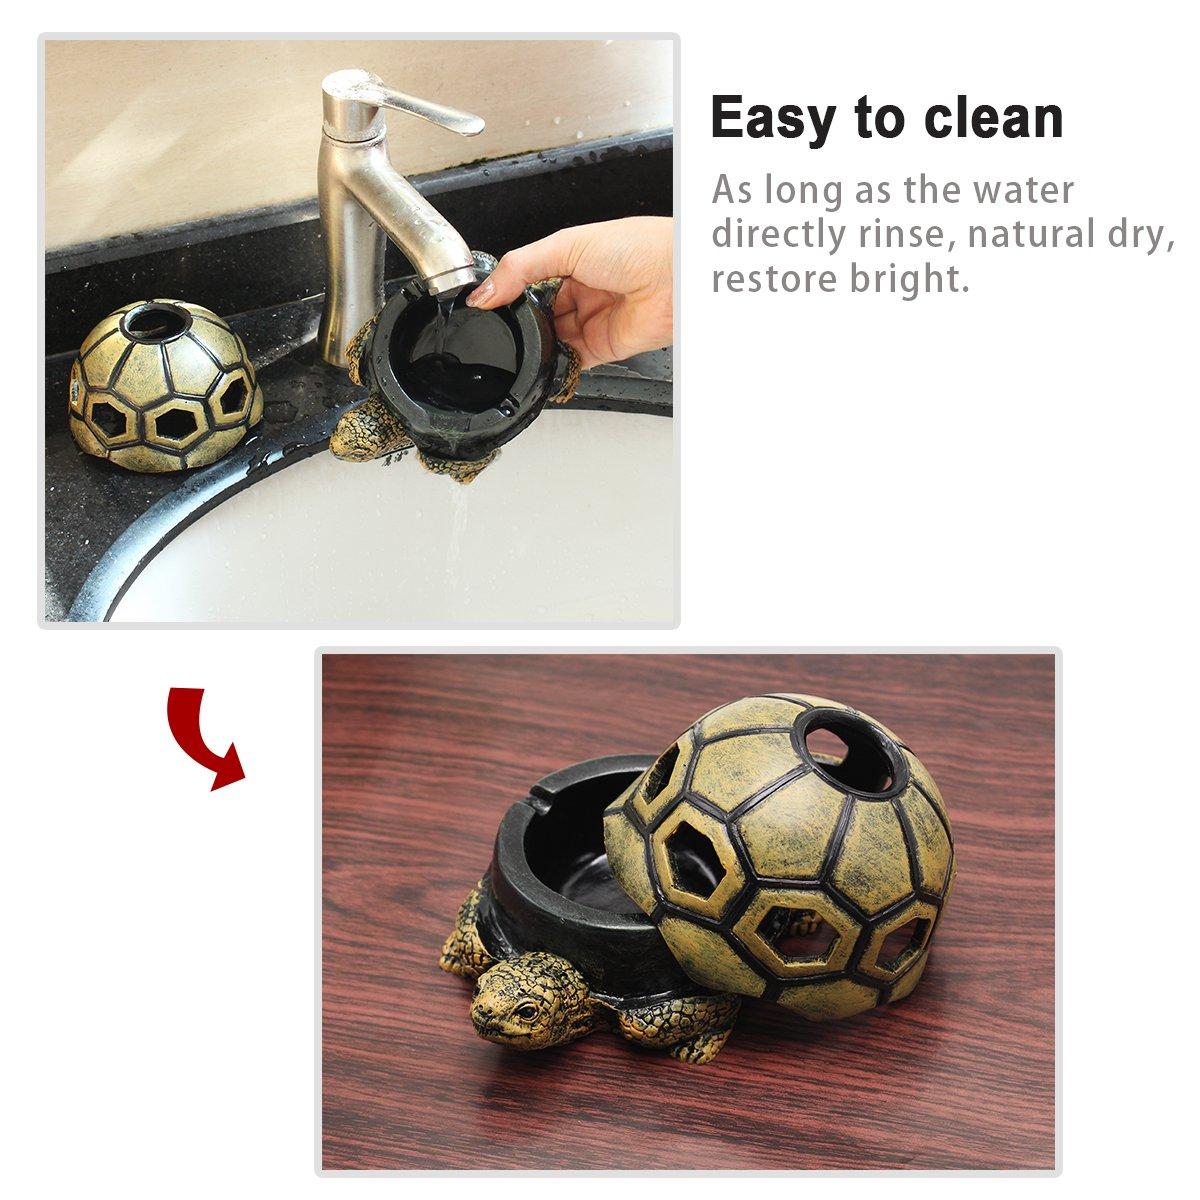 motivo creativo con tartaruga Svpro Posacenere portatile con coperchio ufficio e auto per interni ed esterni per casa in resina